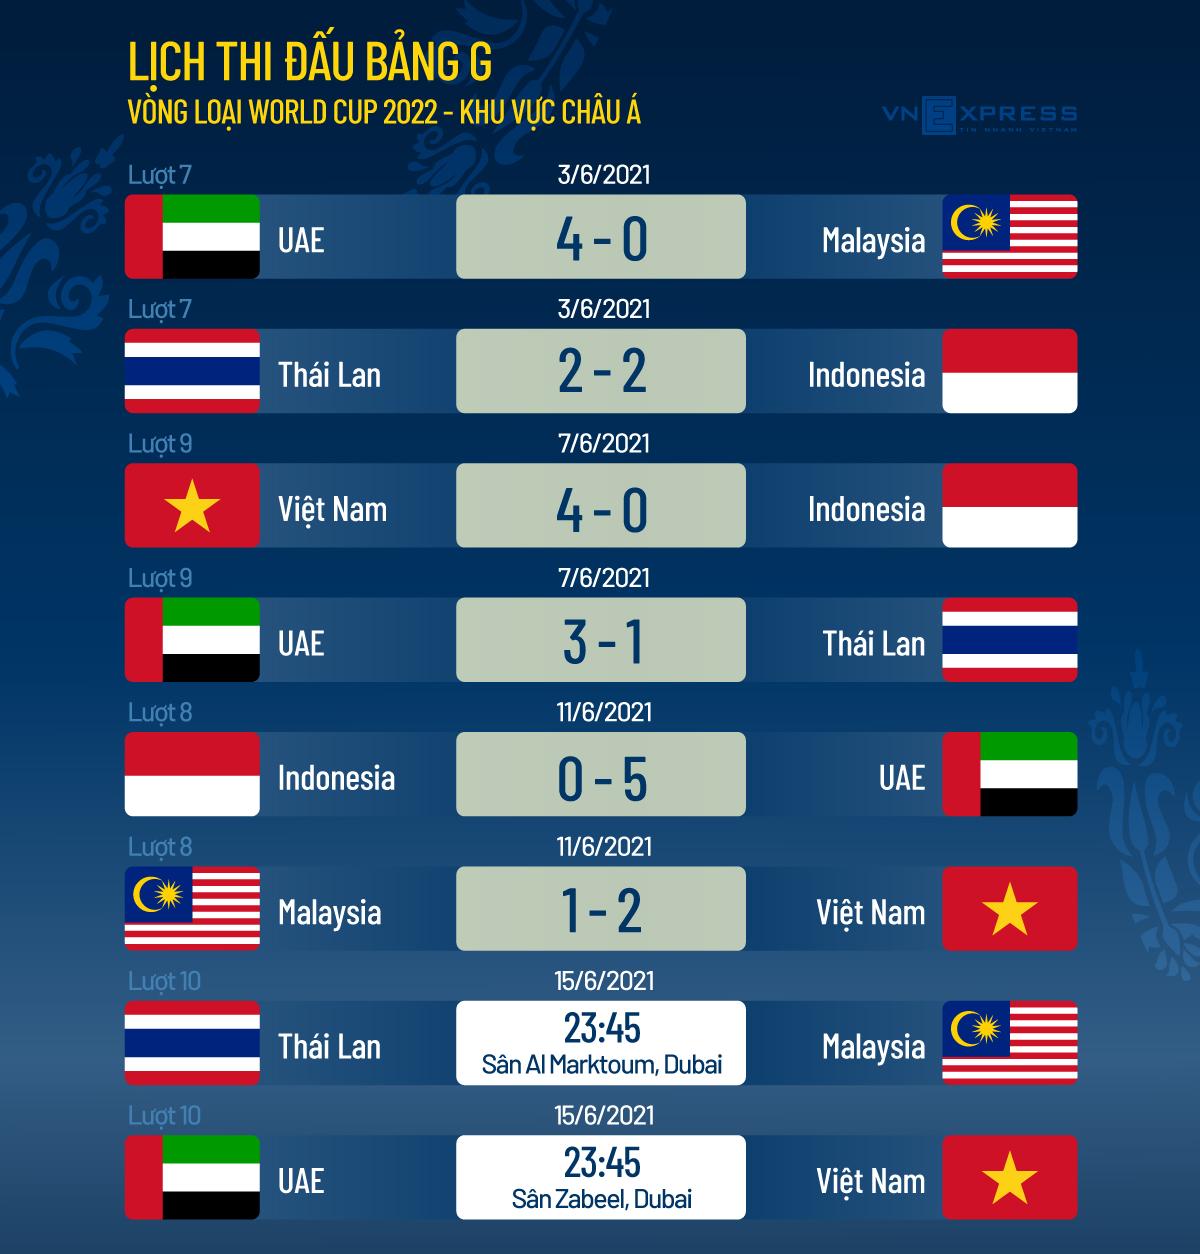 Tiền vệ UAE: Tuyển Việt Nam đang sống những ngày đẹp nhất - 2